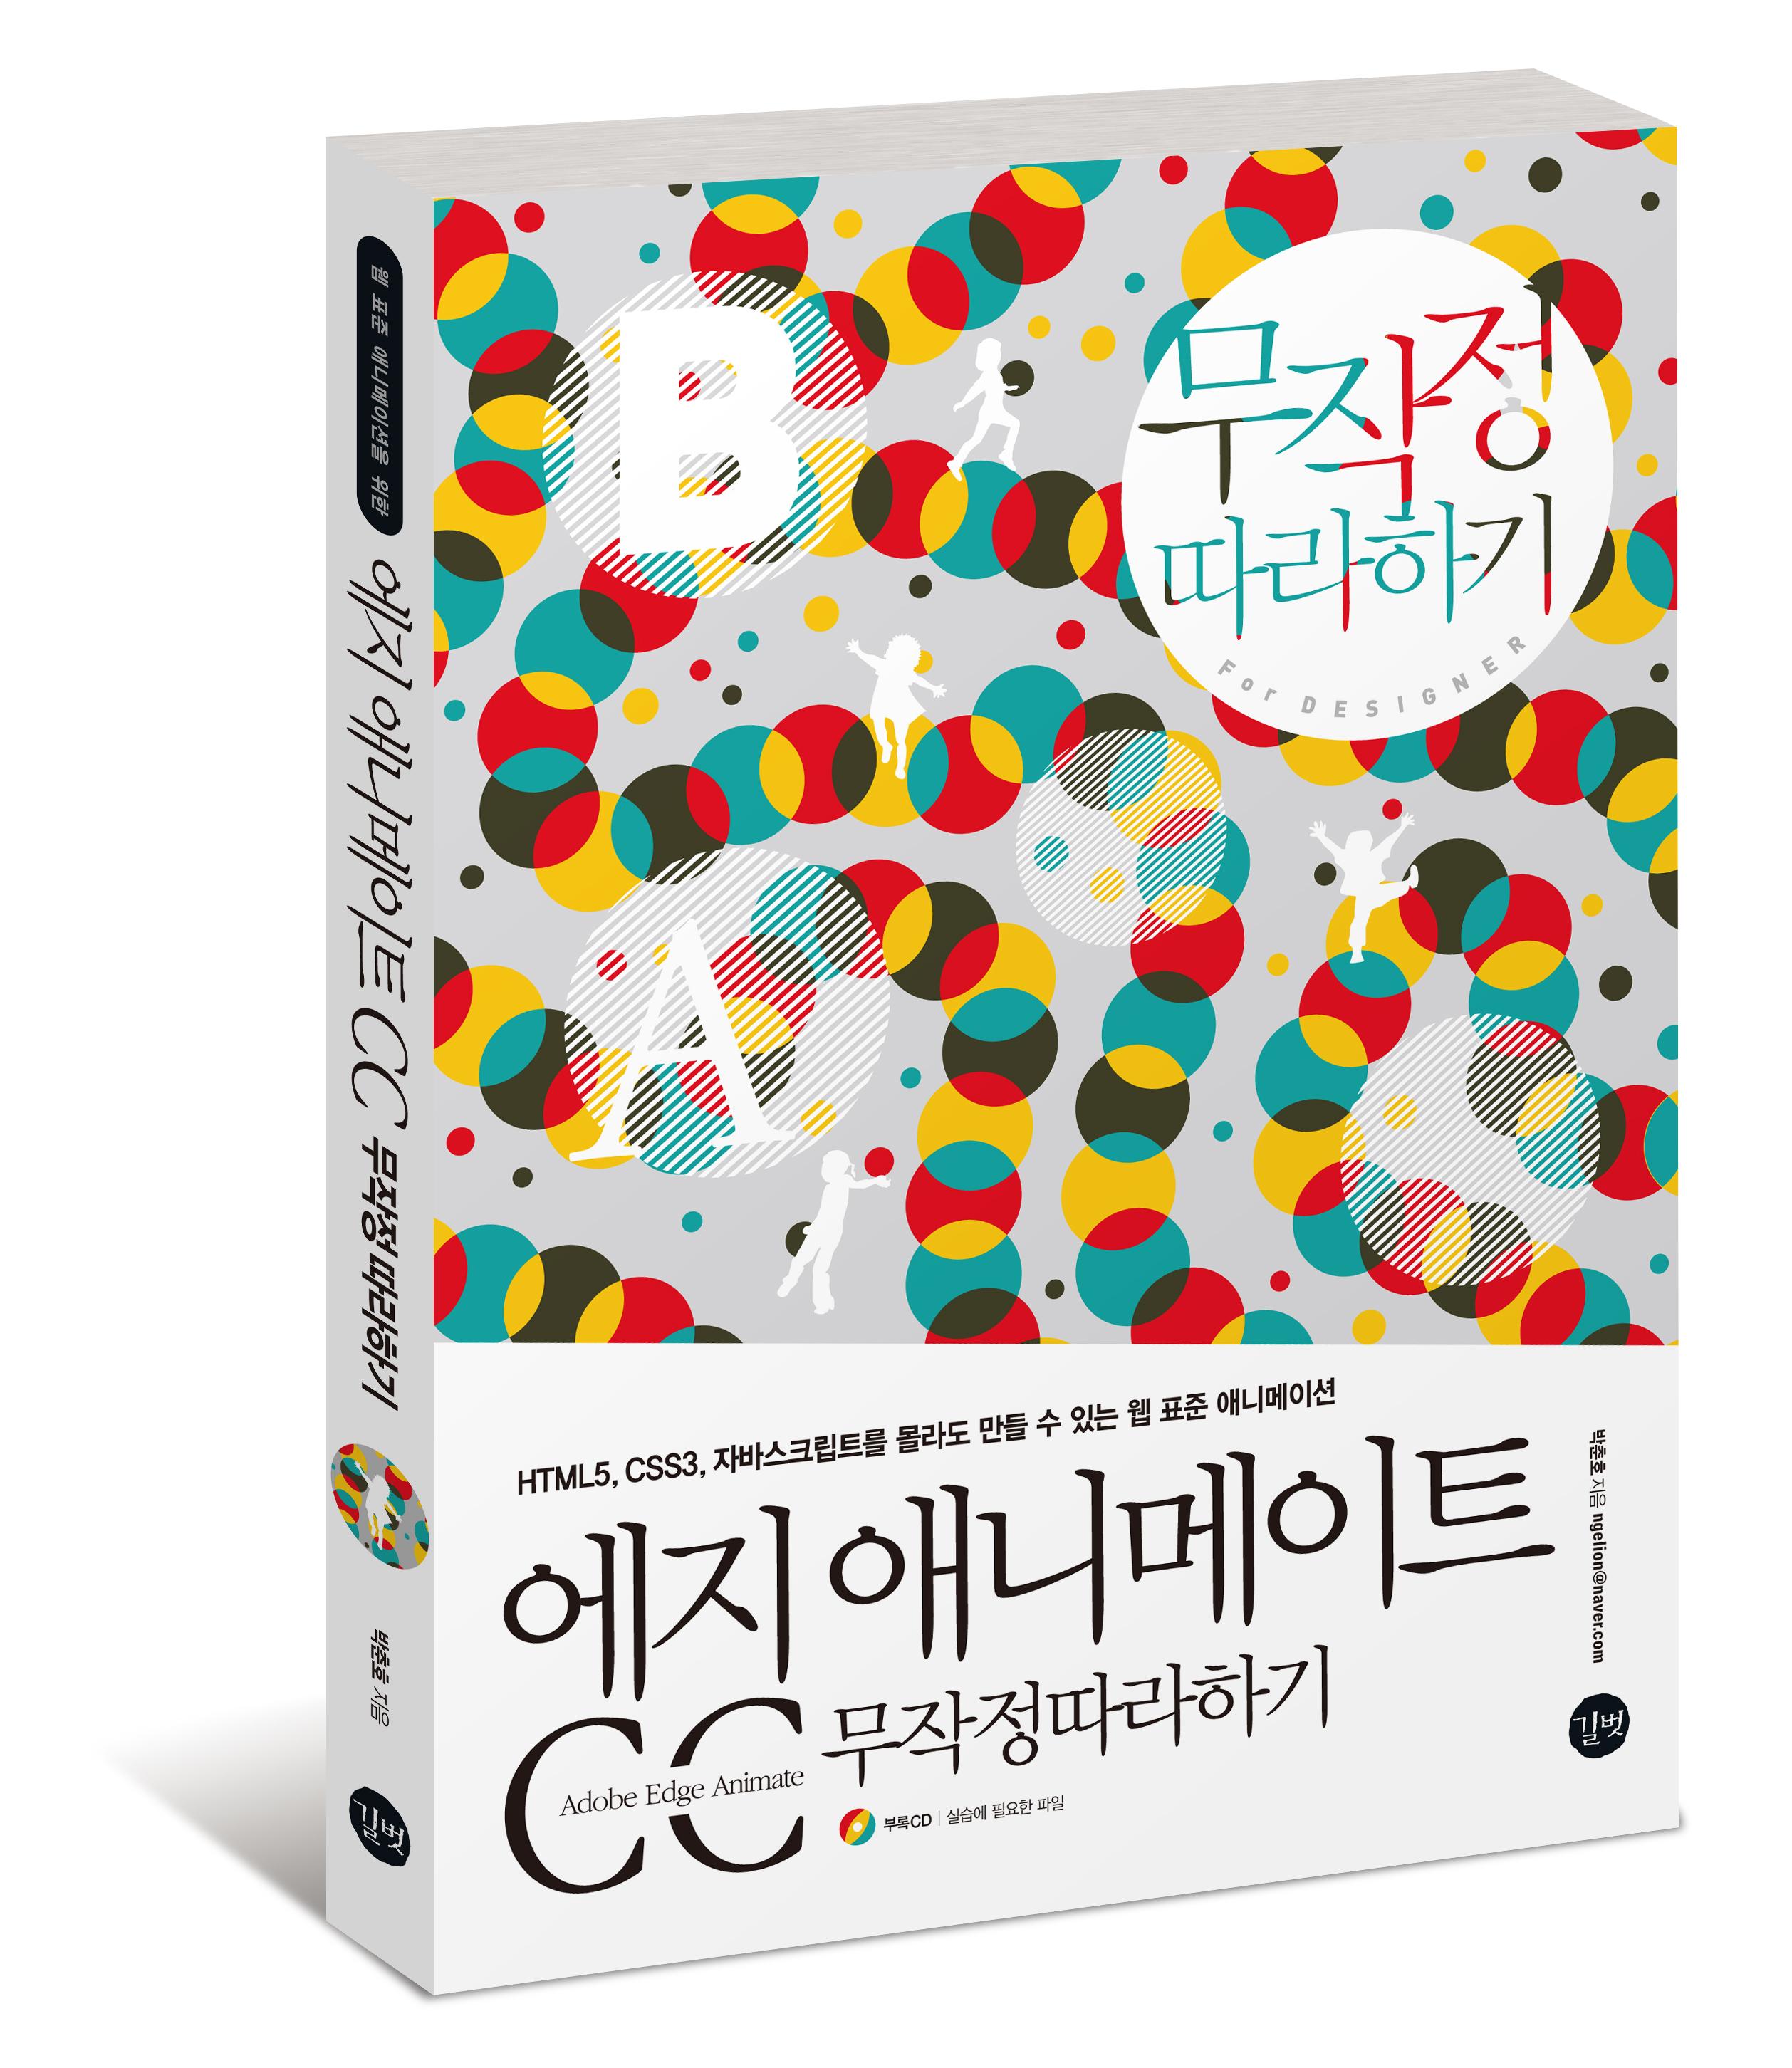 에지 애니메이트 CC 무따기 서평 이벤트!